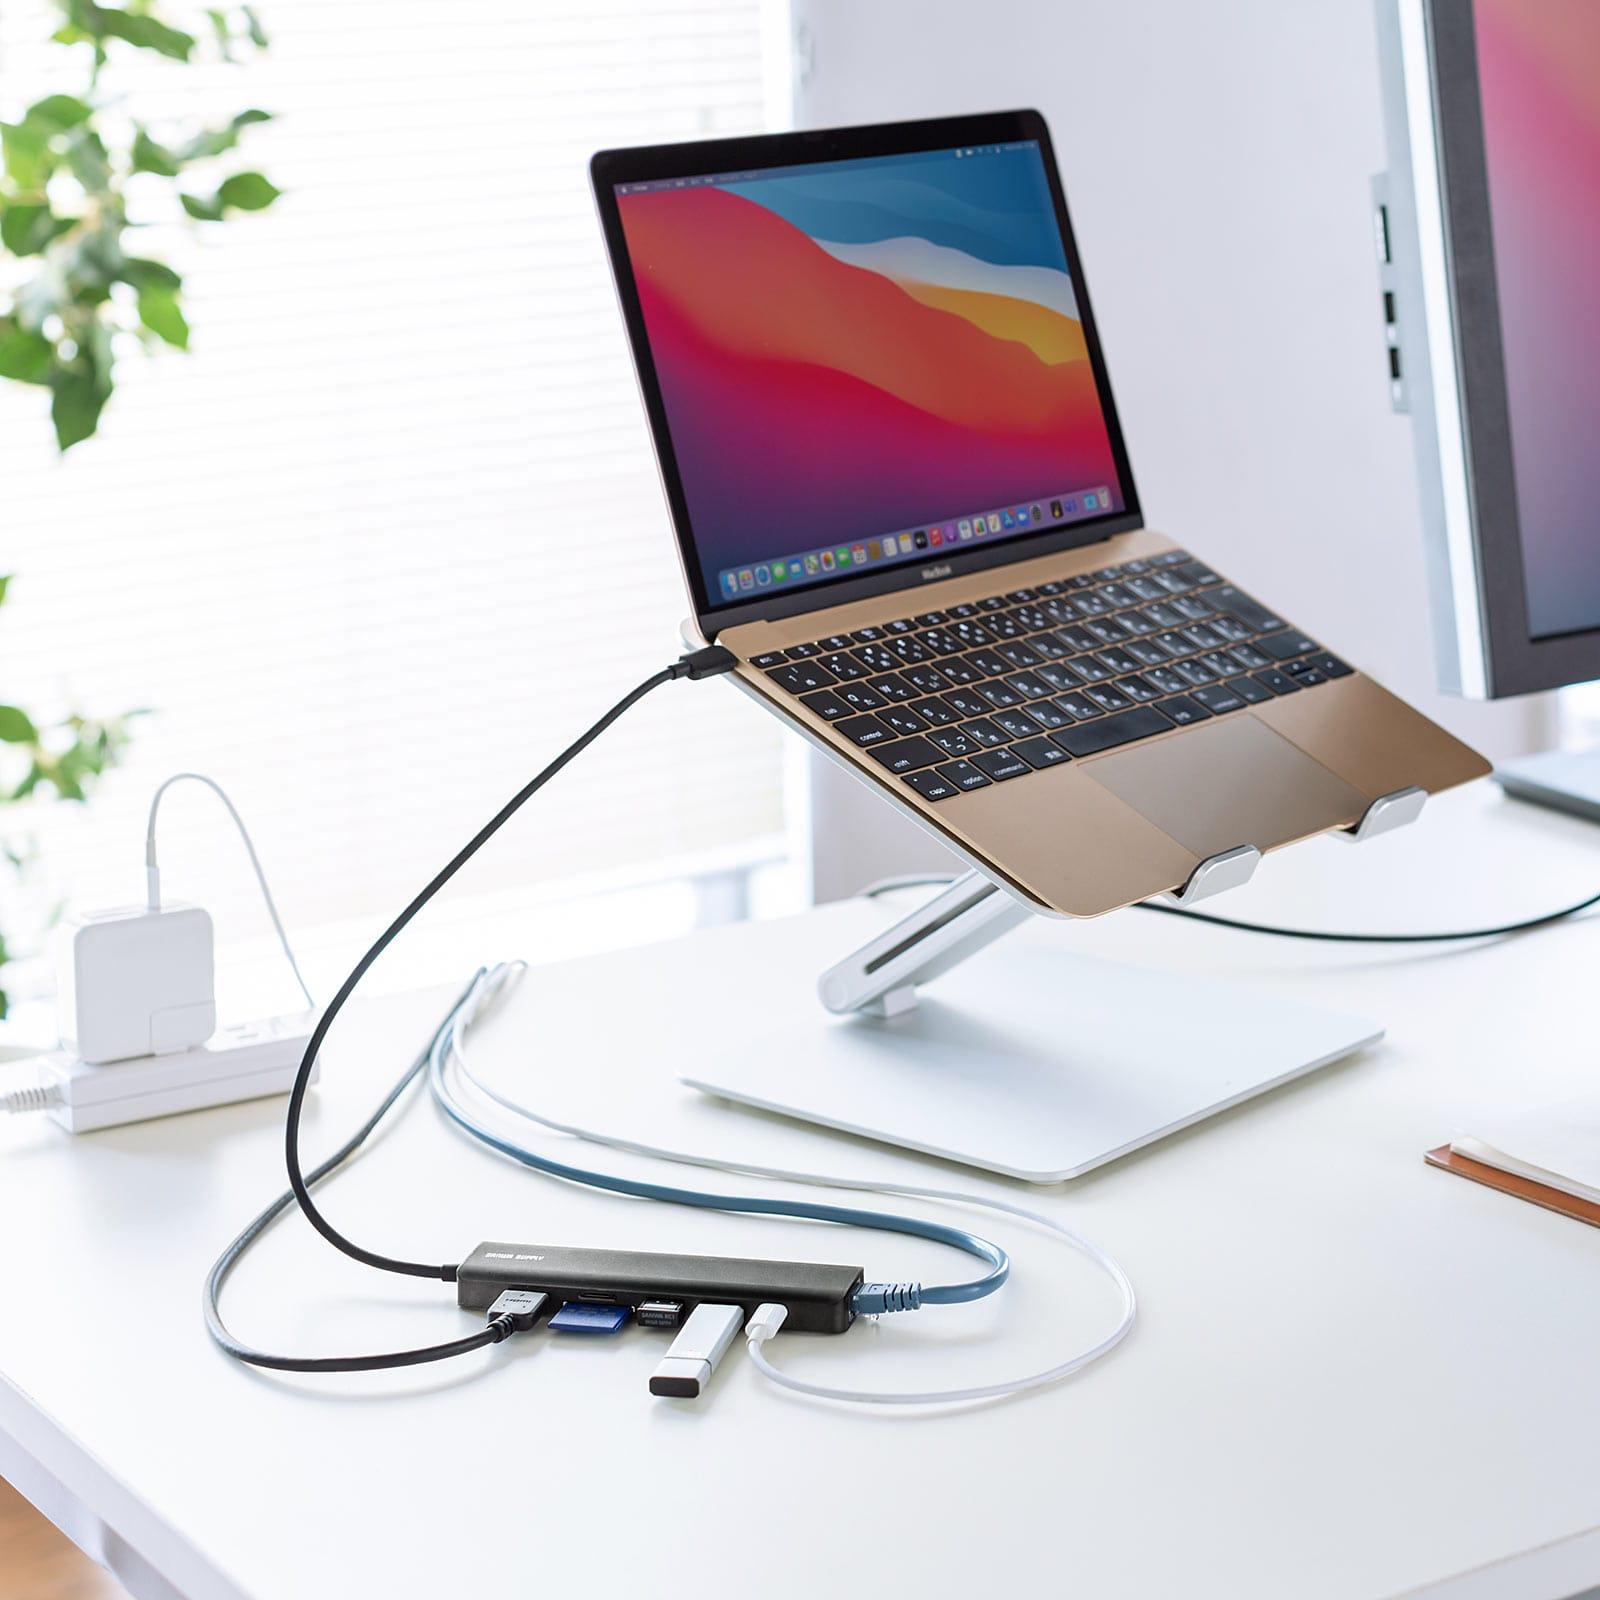 サンワサプライ、ケーブル長約30cmの7-in-1 USB-Cドック発売